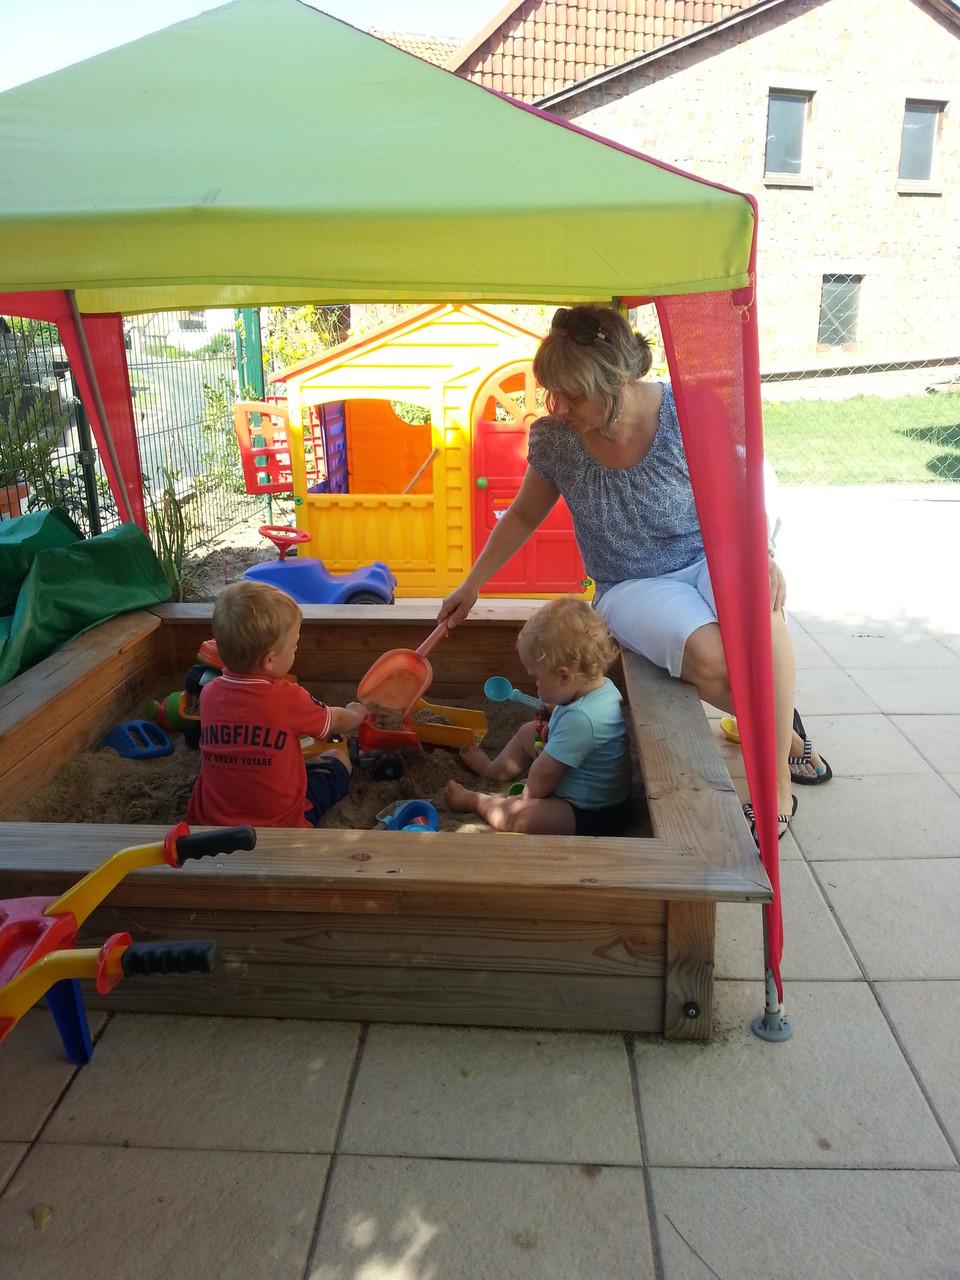 überschaubarer Raum für die Kleinsten schafft Sicherheit und Vertrauen